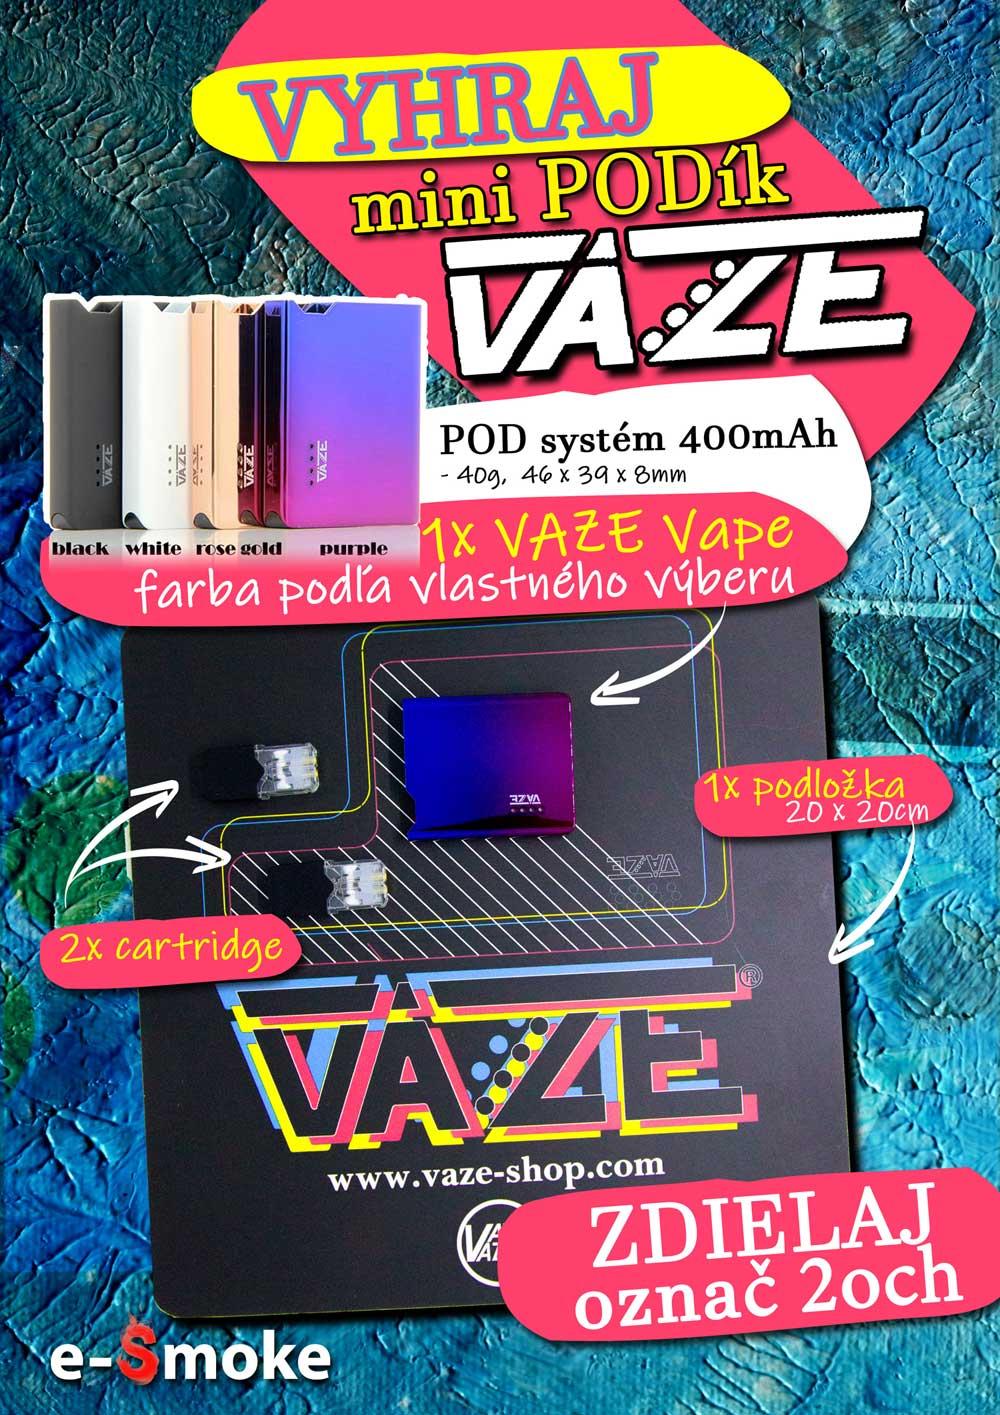 Vaze Vape Giveaway at e-smoke vape shop